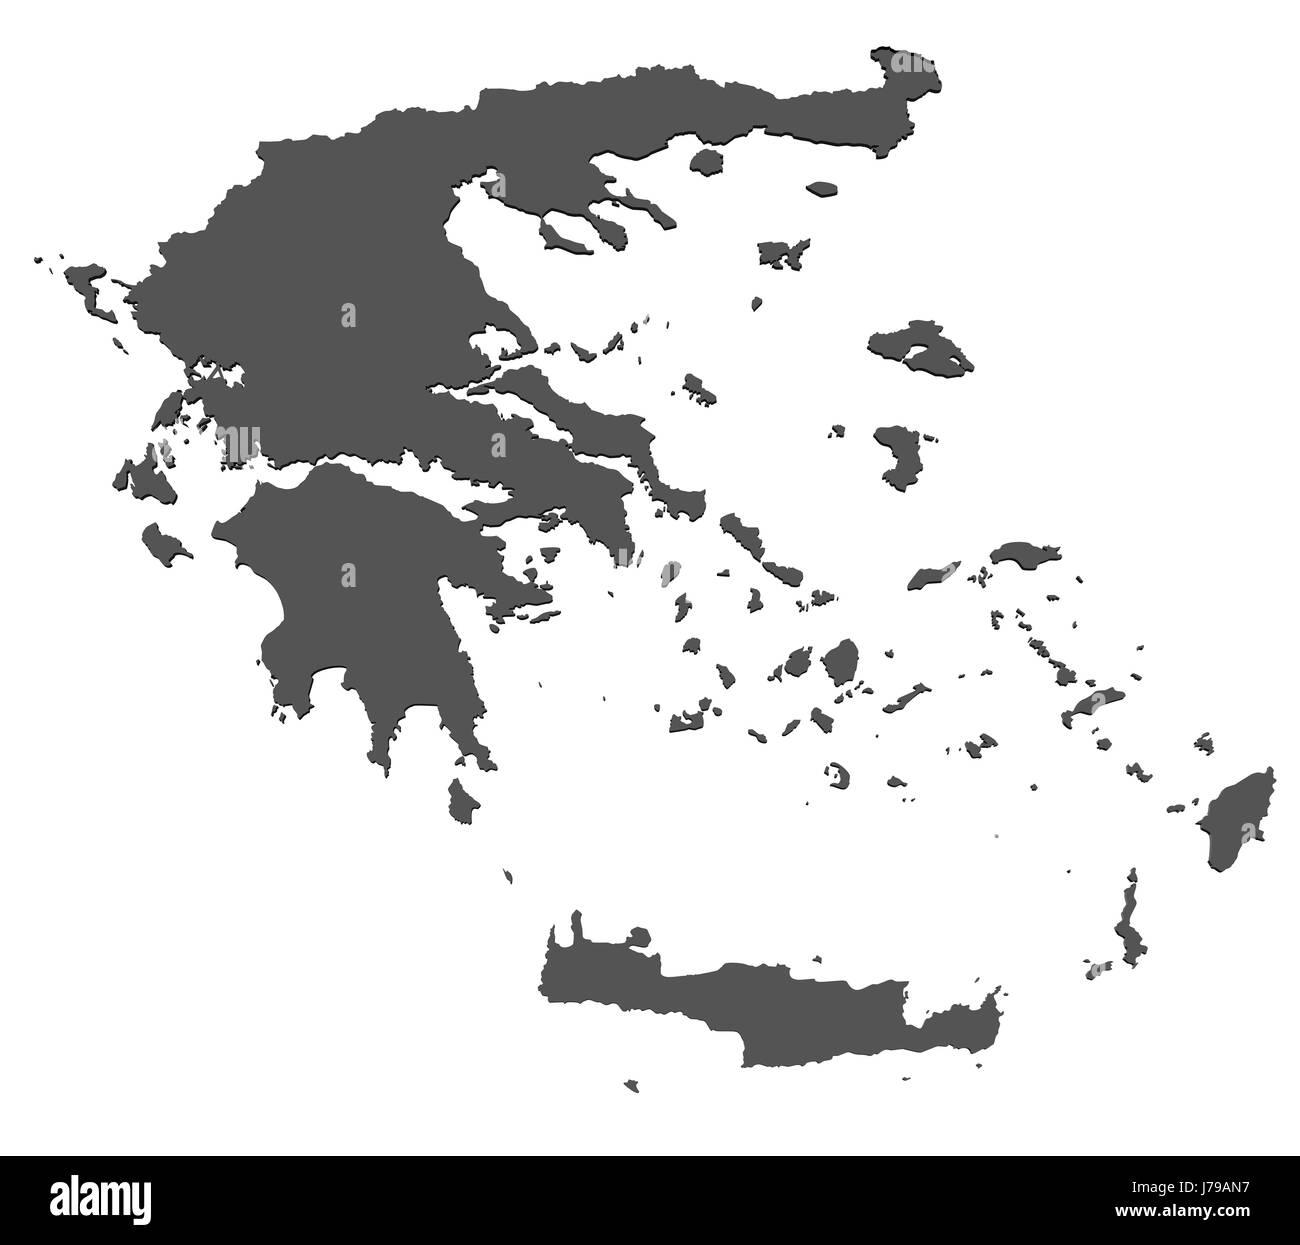 Carte De Leurope Grece.Carte De L Europe Grece Athenes Se Joindre A L Union